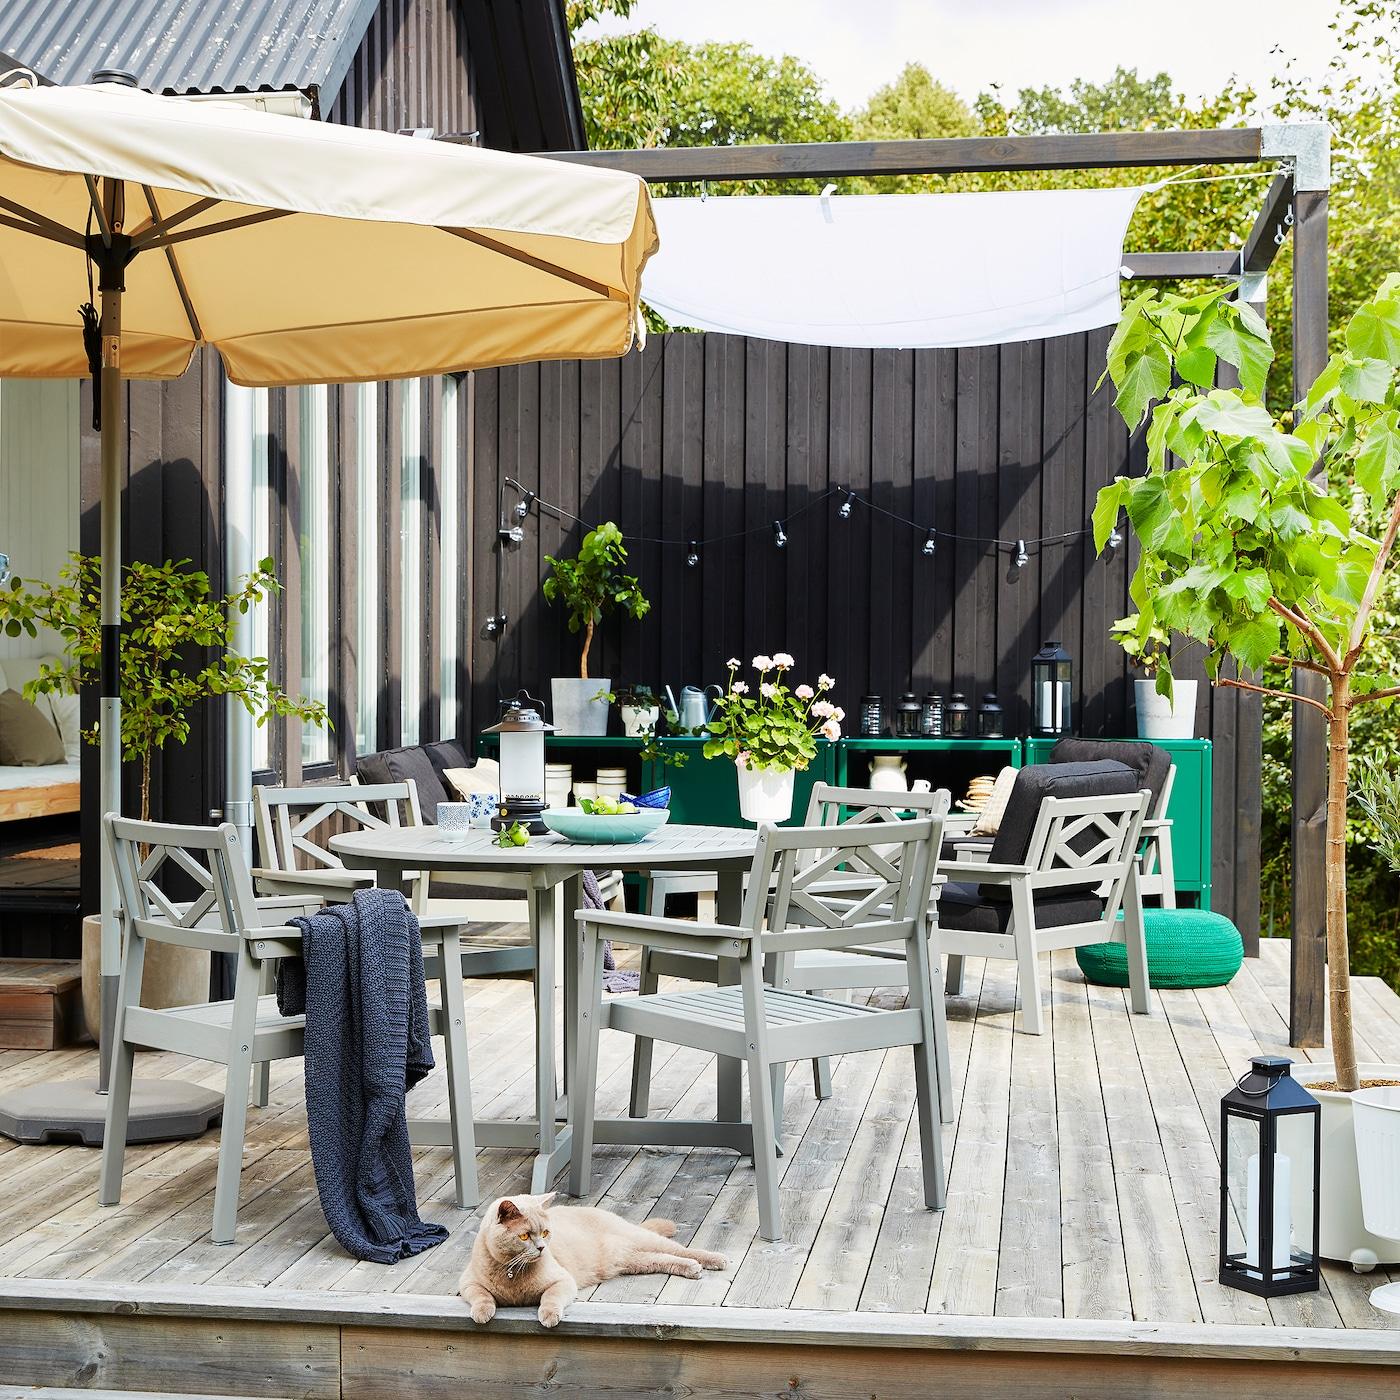 Uno spazio esterno su una pedana in legno con un ombrellone beige, mobili da giardino grigi, alberi verdi e un gatto - IKEA